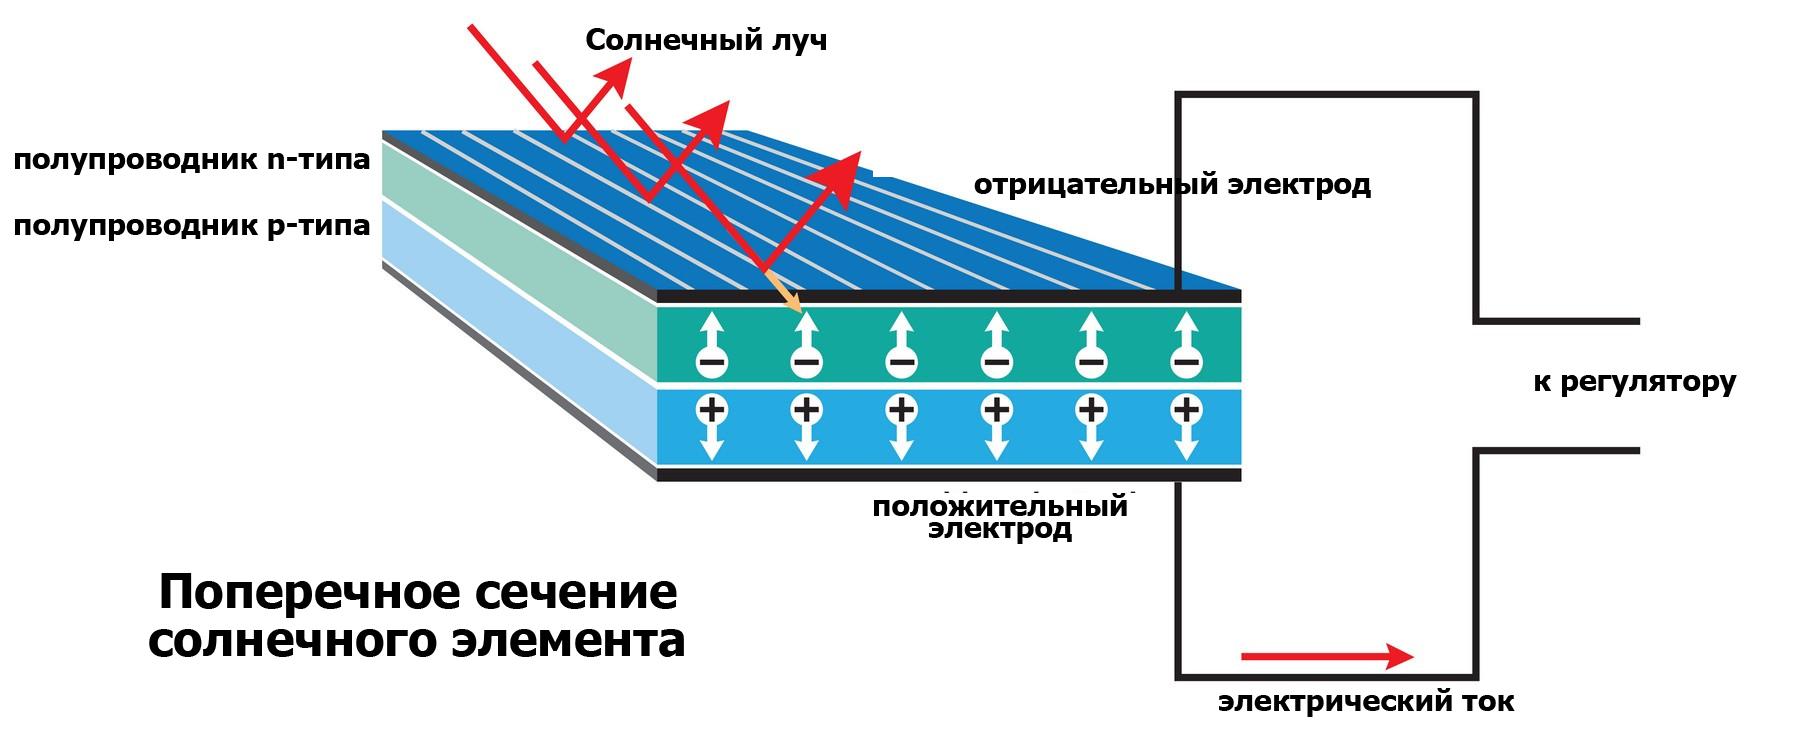 Солнечные батареи: все про альтернативный источник энергии — solar-energ.ru. солнечная батарея своими руками: как сделать в домашних условиях - 5 идей солнечная батарея своими руками: как сделать в домашних условиях - 5 идей